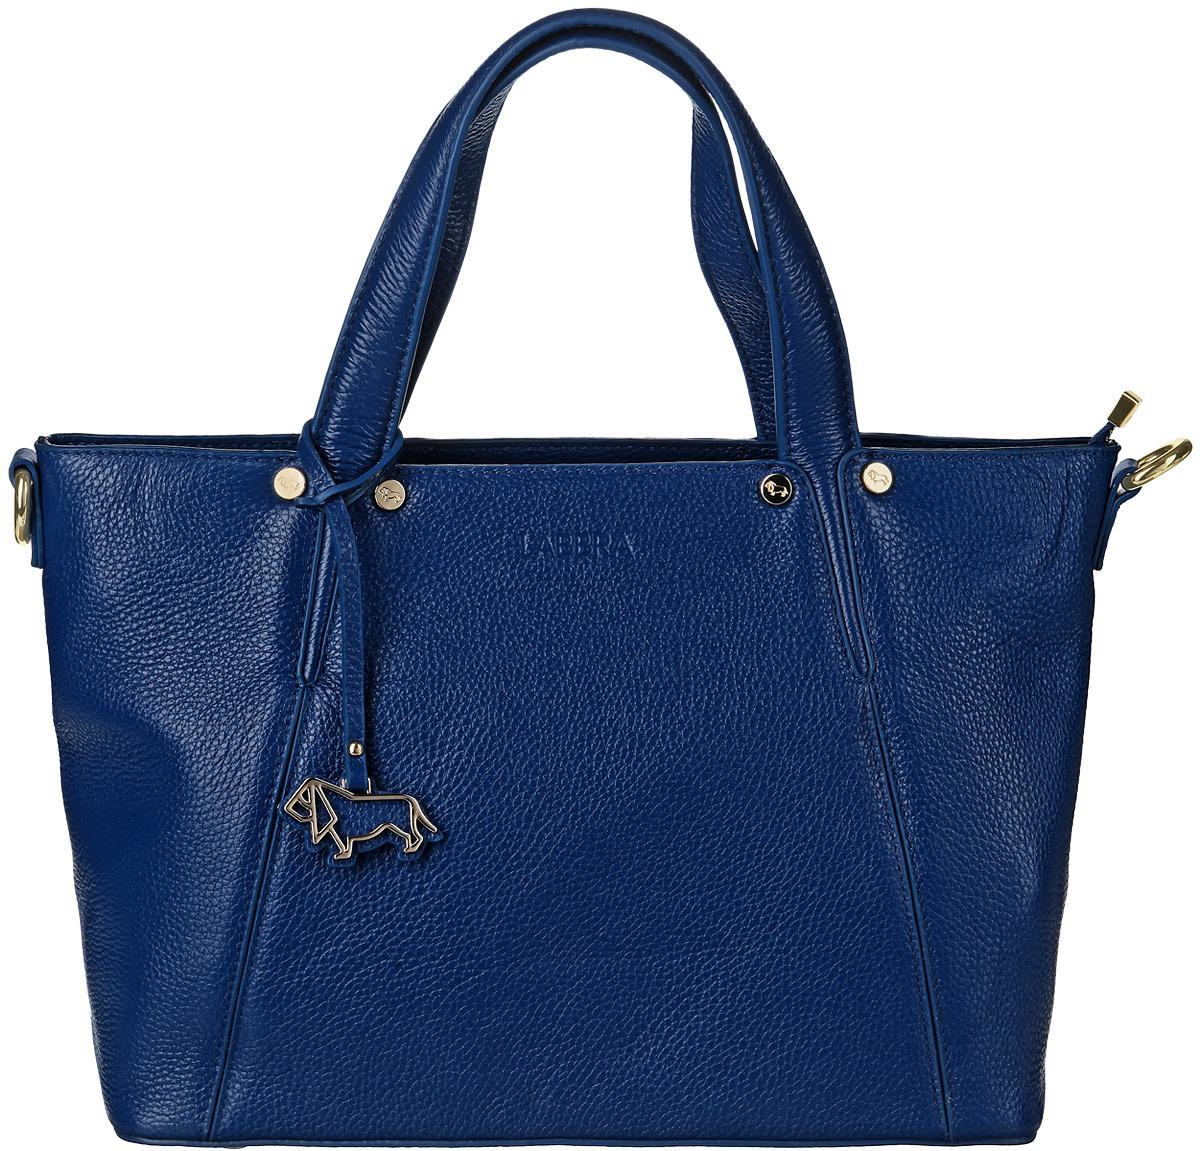 Сумка женская Labbra, цвет: синий. L-DA80886L-DA80886Стильная сумка Labbra изготовлена из натуральной кожи с зернистой фактурой, оформлена металлической фурнитурой и оригинальной подвеской в форме собаки. Изделие содержит одно основное отделение, закрывающееся на застежку-молнию. Внутри расположены два накладных кармашка для мелочей, врезной карман на молнии и карман-средник на молнии. Задняя сторона сумки дополнена врезным карманом на молнии. Изделие оснащено двумя практичными ручками и съемным наплечным ремнем. Дно изделия дополнено металлическими ножками. Оригинальный аксессуар позволит вам завершить образ и быть неотразимой.